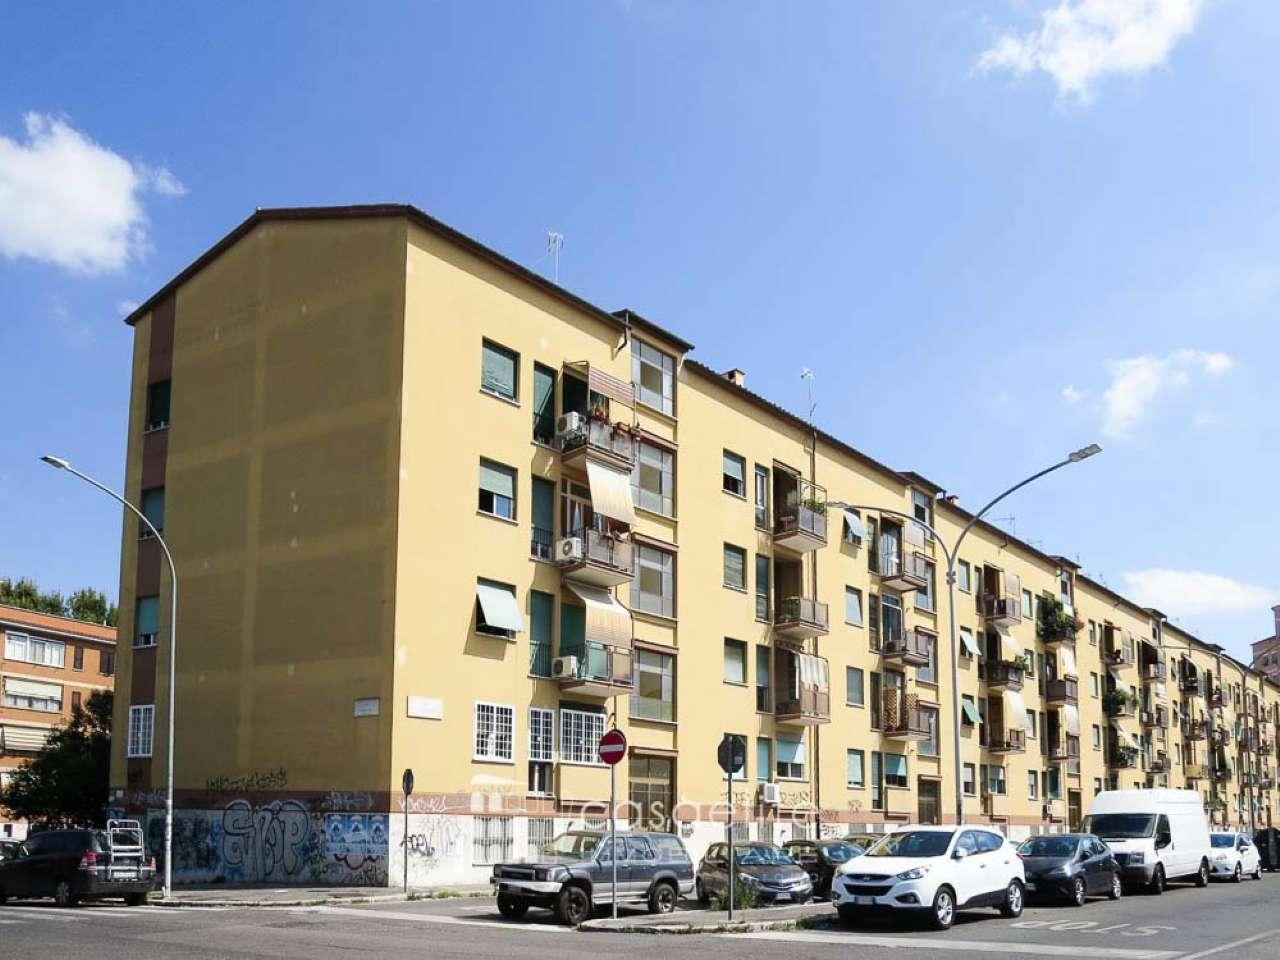 Appartamento in vendita a Roma, 3 locali, zona Zona: 20 . Marconi - Ostiense, prezzo € 260.000 | CambioCasa.it